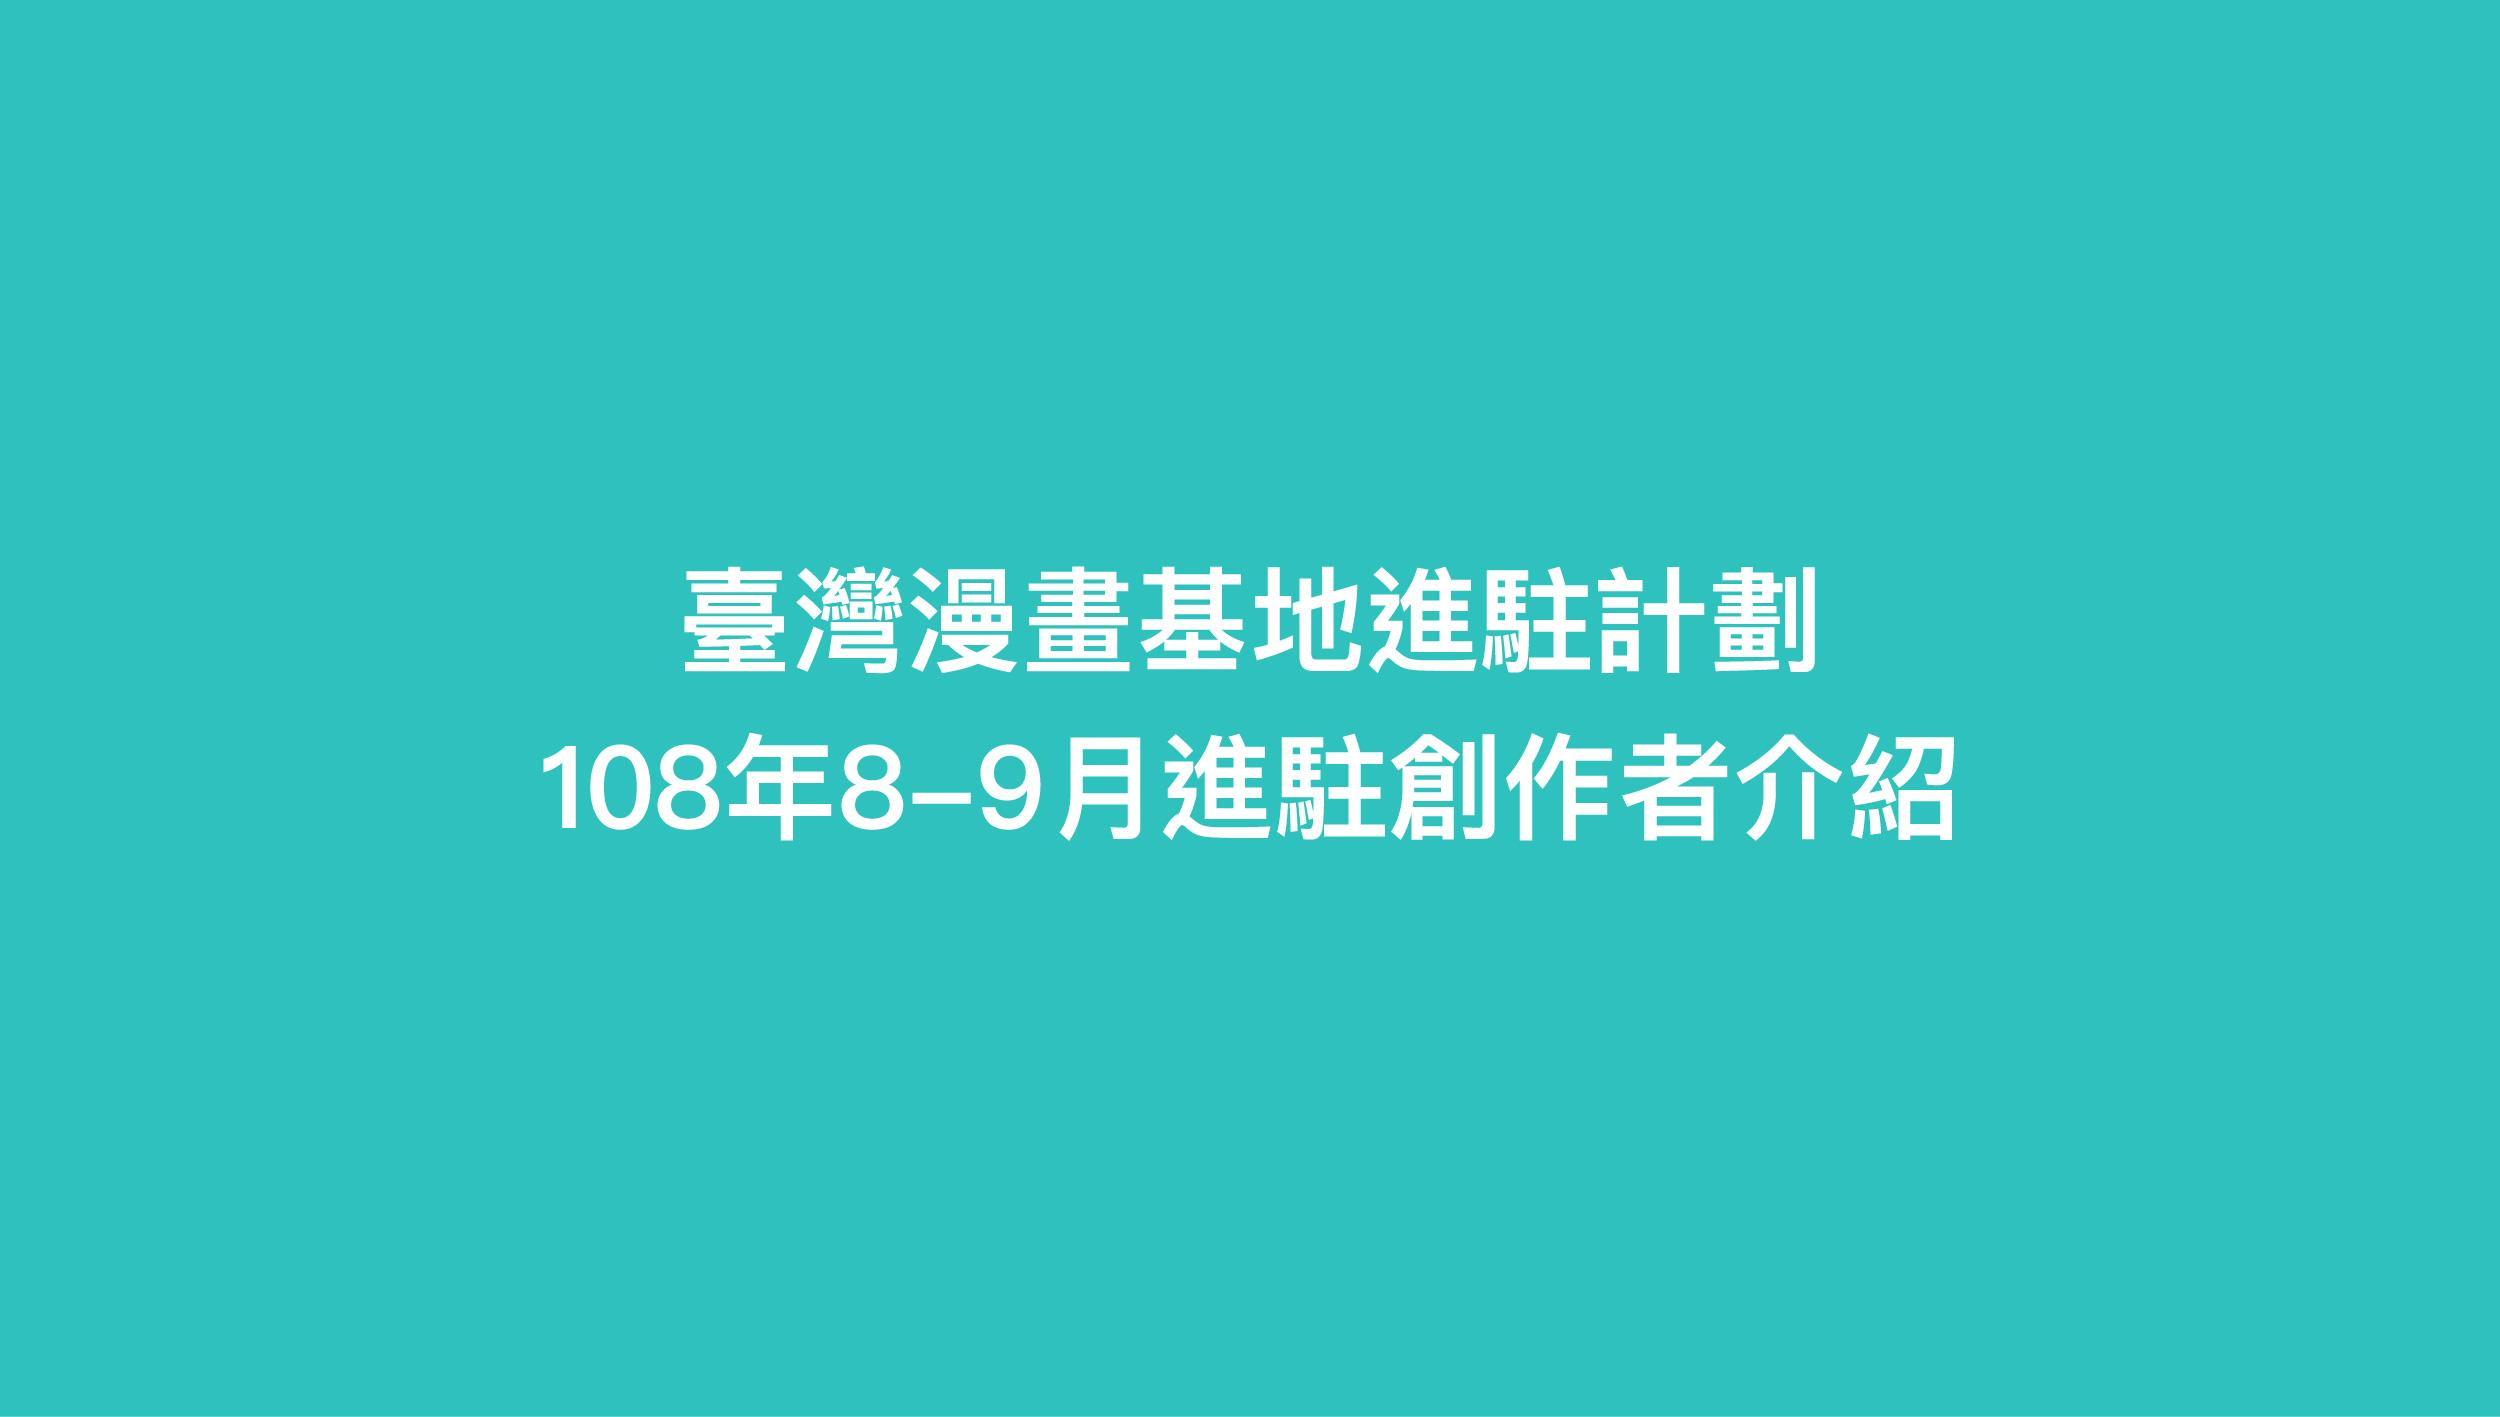 臺灣漫畫基地108年8-9月進駐創作者介紹